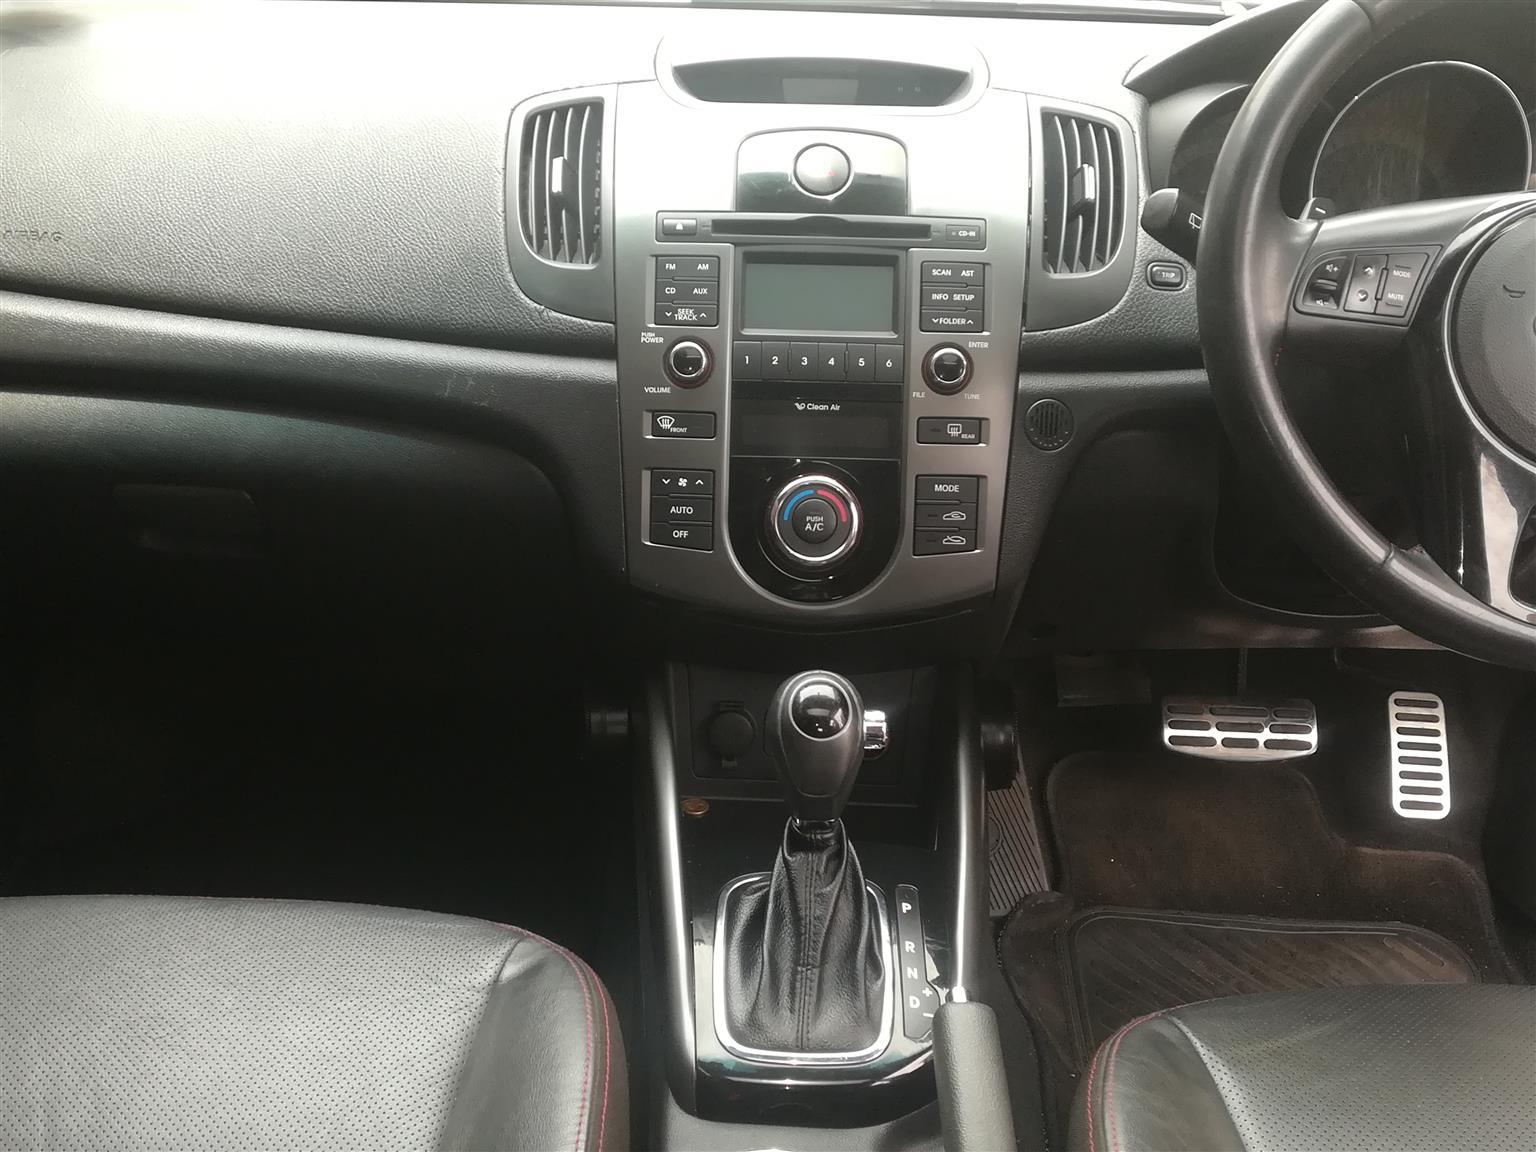 2012 Kia Cerato 1.6 EX 4 door